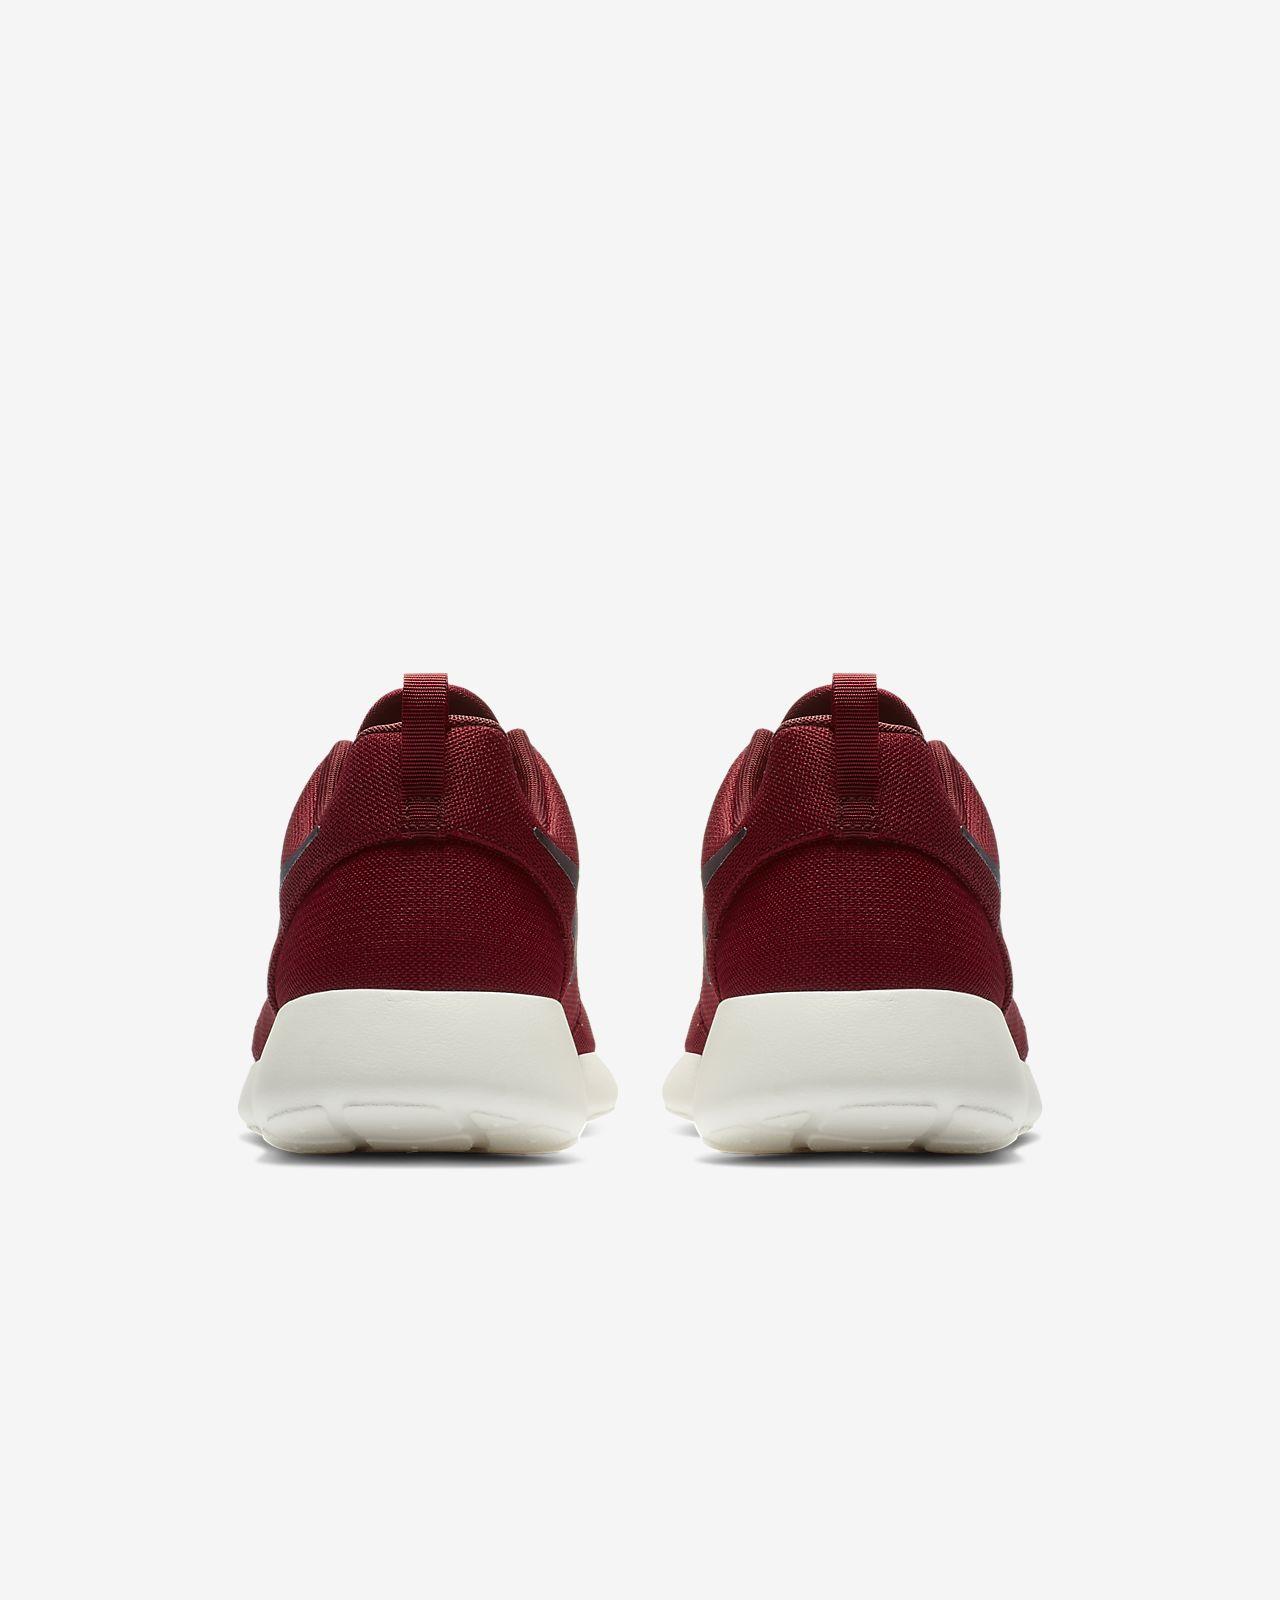 3716cf56fa3 Nike Roshe One Men s Shoe. Nike.com